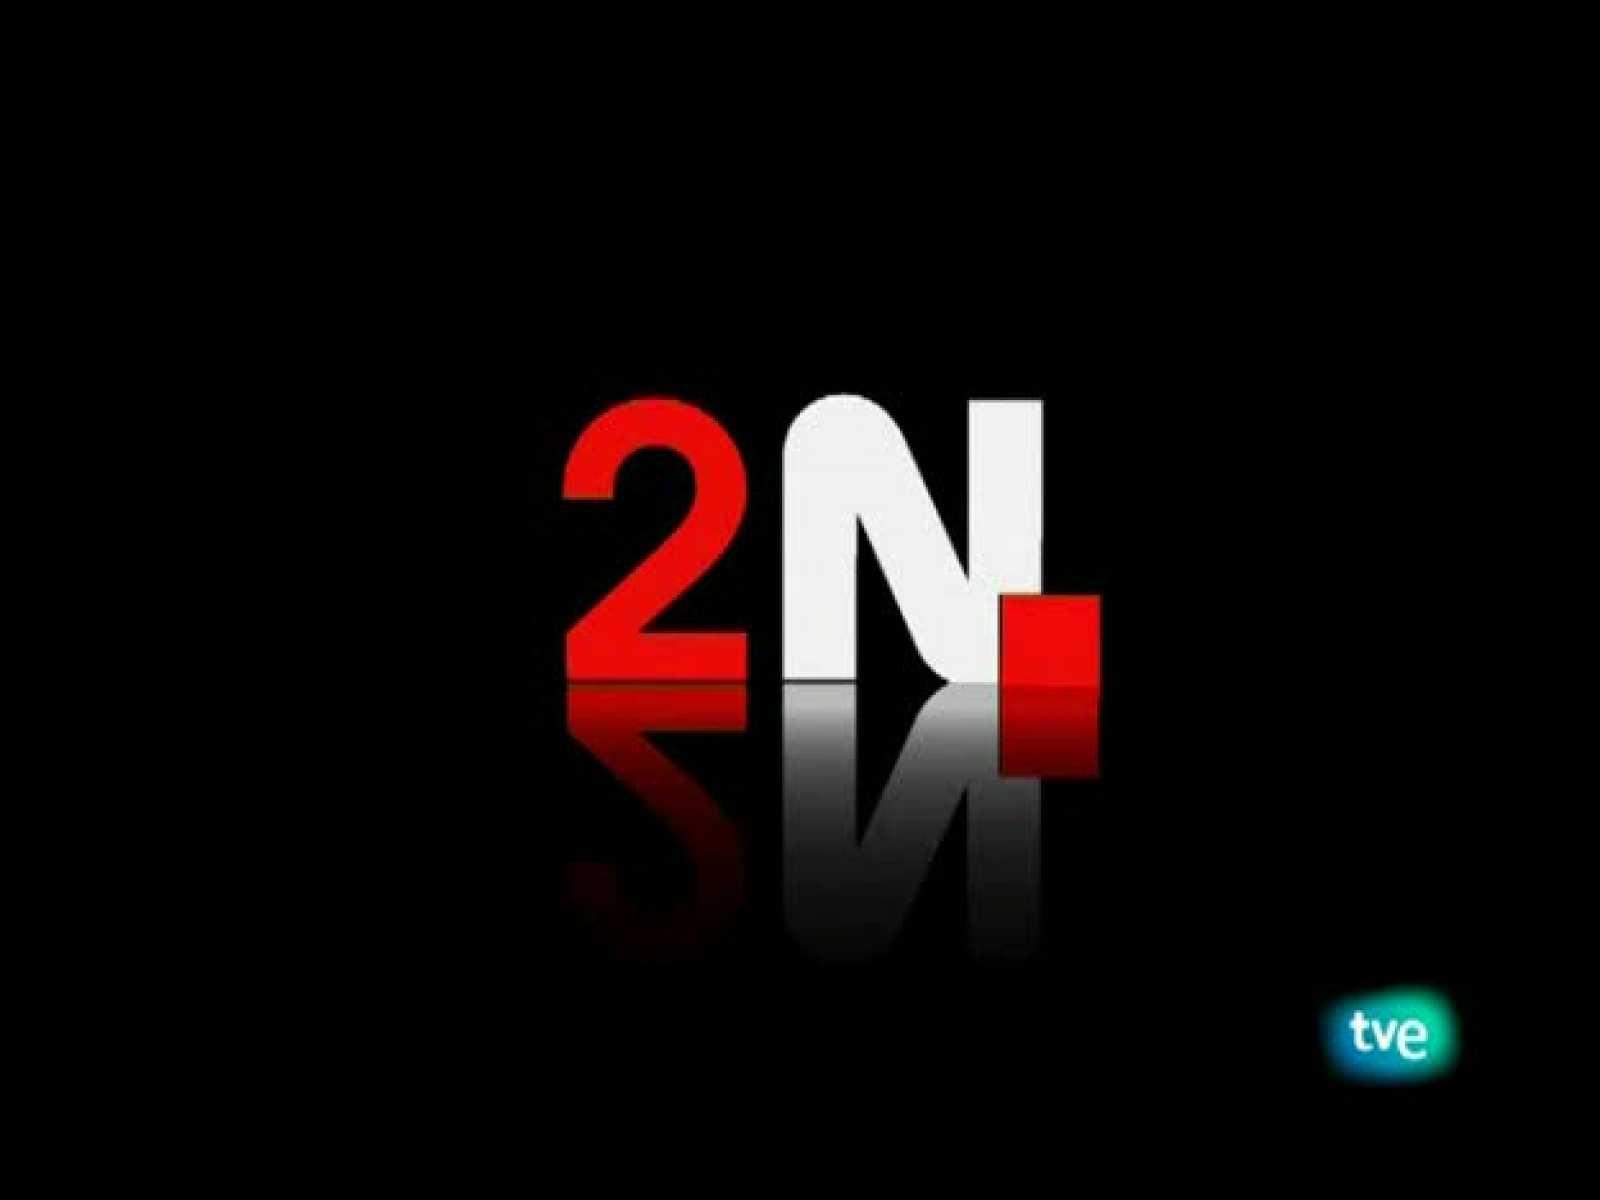 Cámara Abierta 2.0: Facebook, Estambul 2.0, En tu ciudad... (16/03/10)